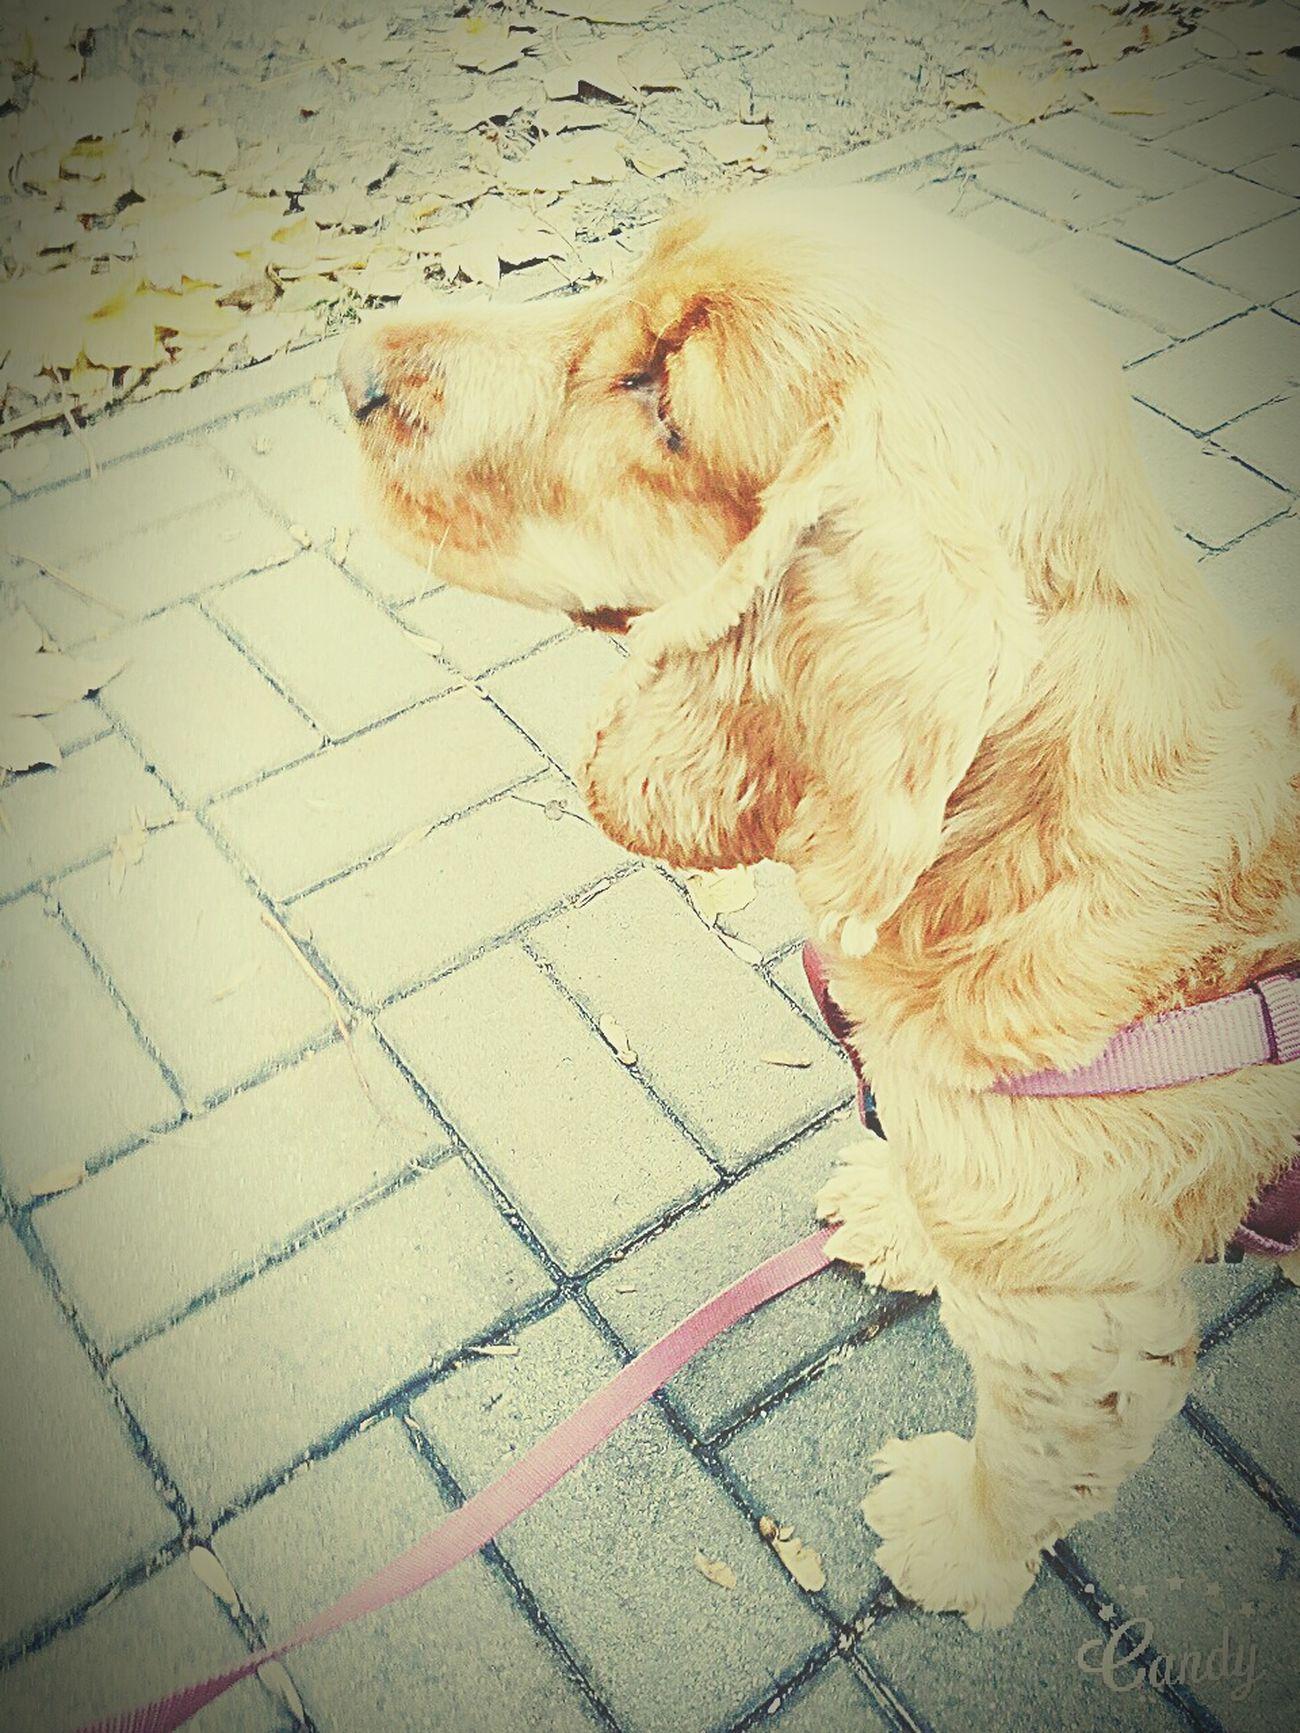 Muji Ukochany Piesek<3 Tosia Love ♥ You Focia Kom Like ? ❤ Awwwww♥♥♥ Wow!!😋 Nice Butiful Pozdro : * śliczności